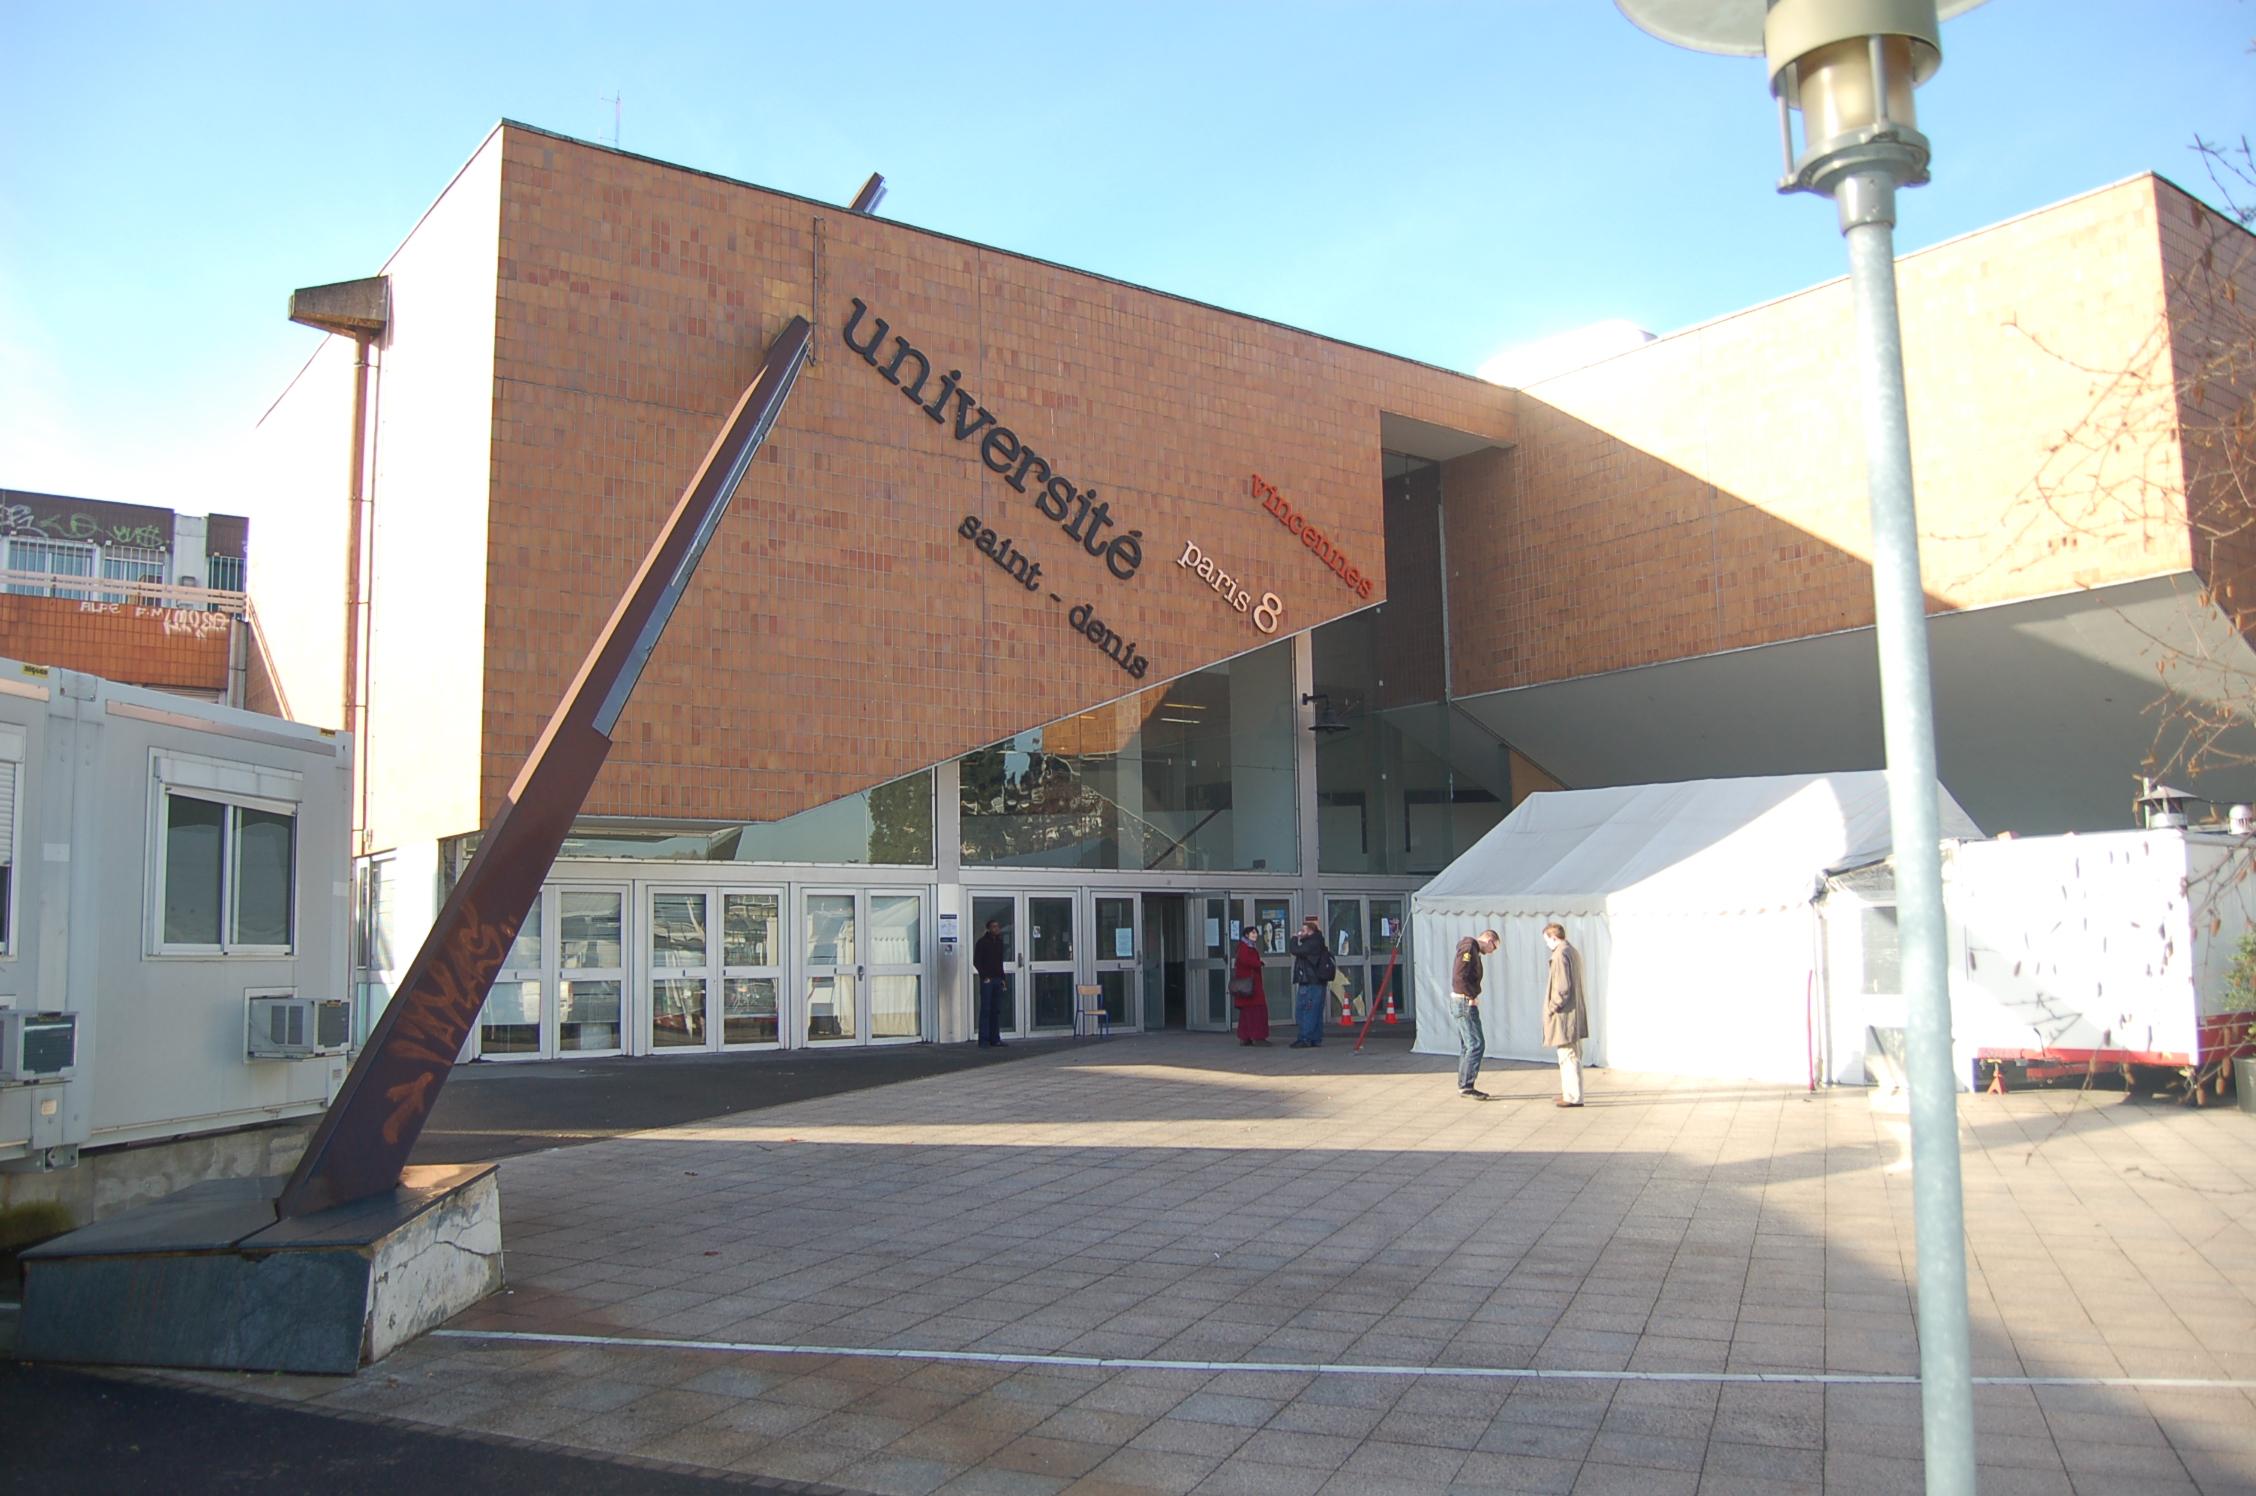 http://upload.wikimedia.org/wikipedia/commons/f/fb/Paris8.JPG